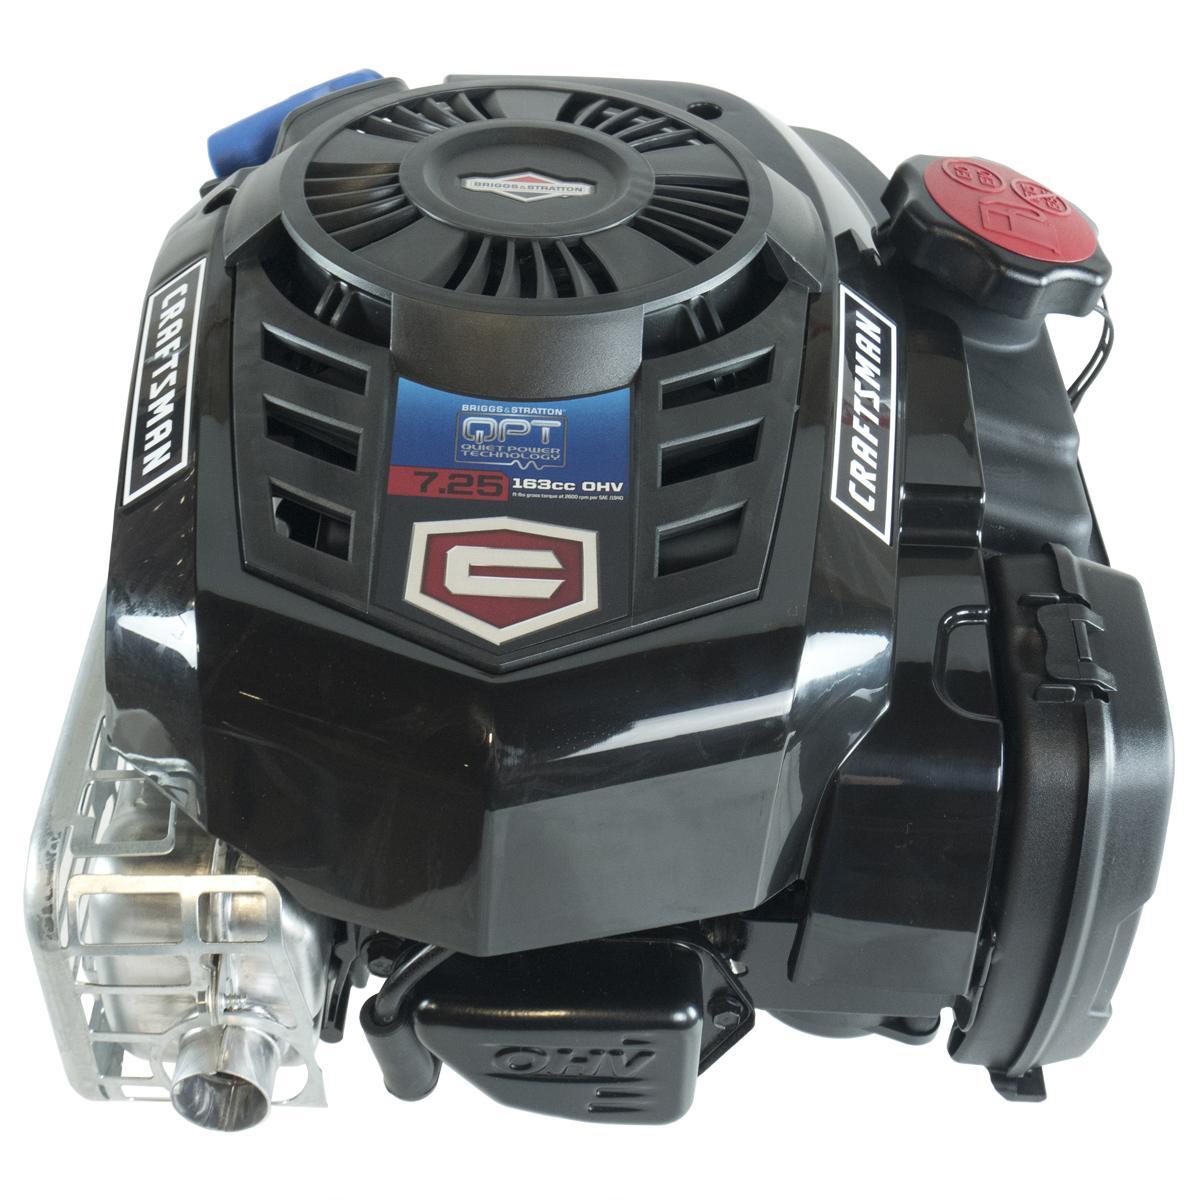 """163cc 725EXI Gross Torque, Vertical 25mmx3-5/32"""" Shaft, 2WK, Ready Start, Briggs & Stratton Engine"""